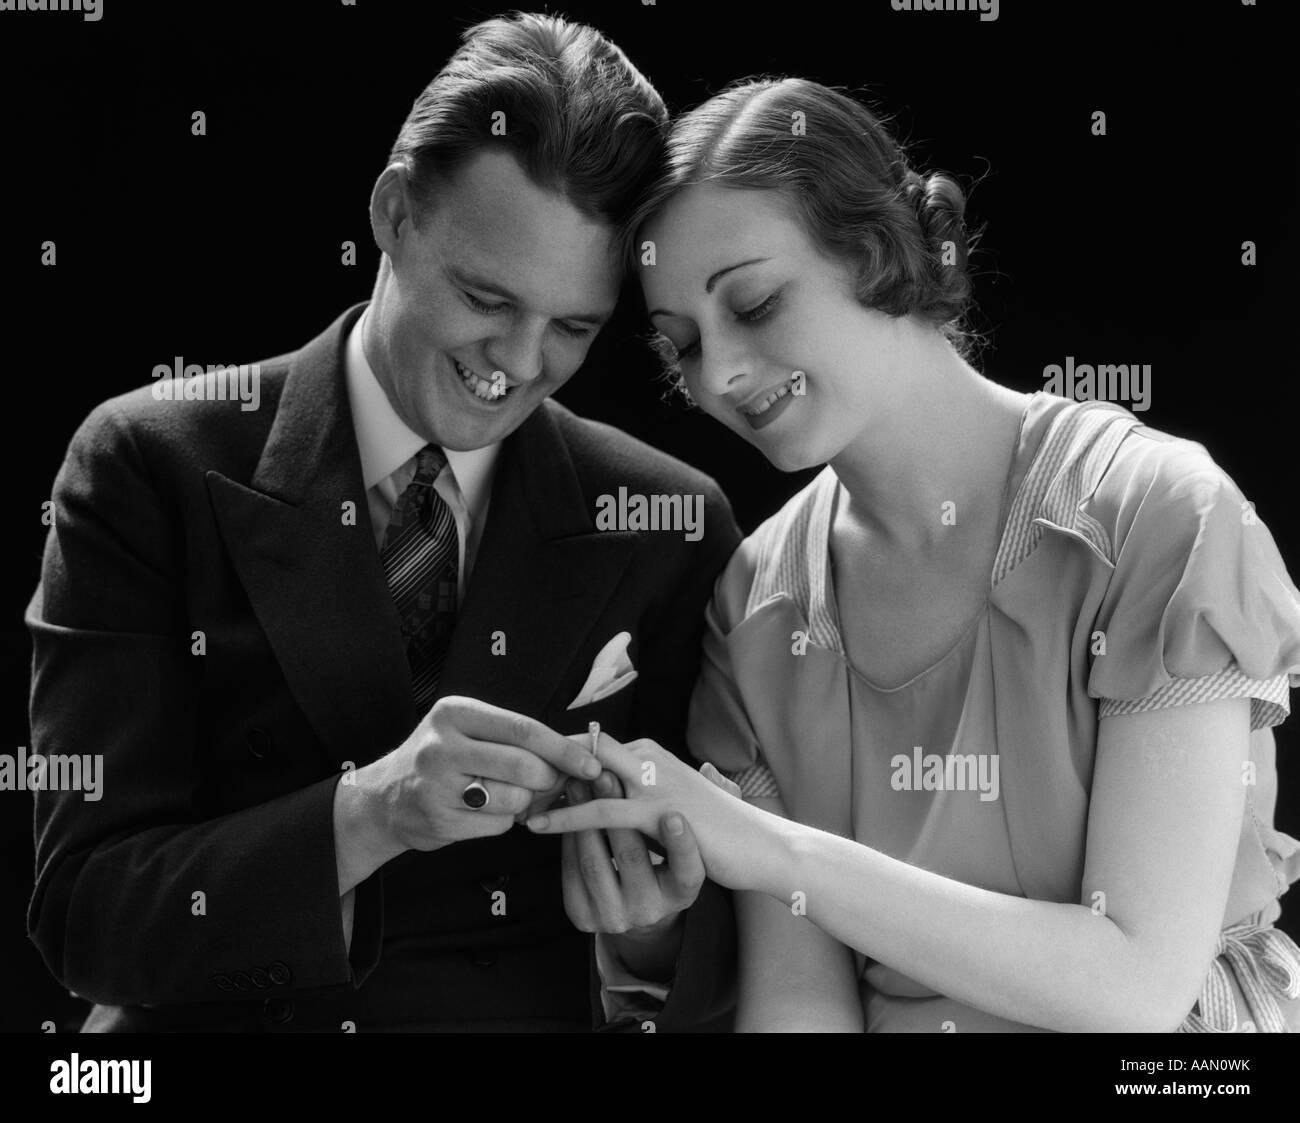 1930 pareja sonriente JEFES PULSA JUNTO AL HOMBRE PONER ANILLO DE COMPROMISO EN EL DEDO DE LA MUJER Imagen De Stock